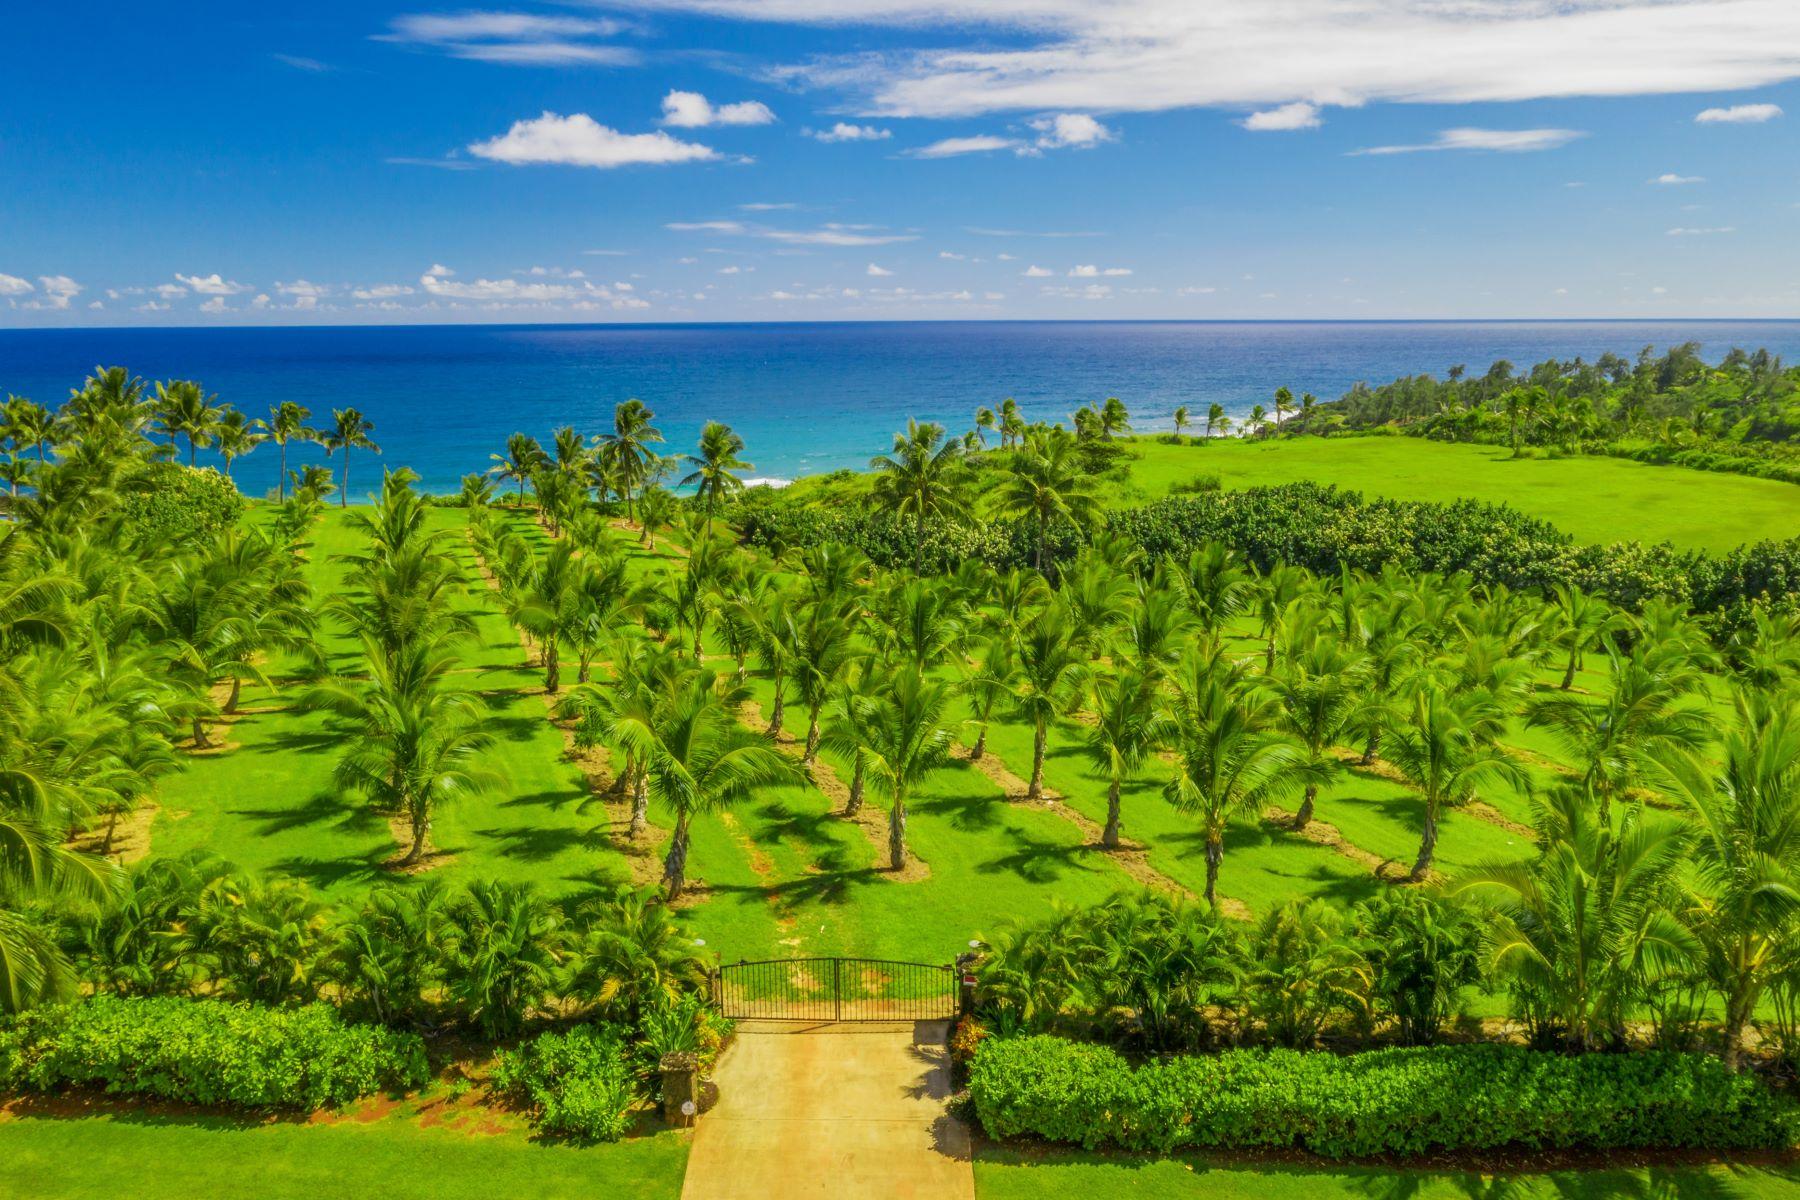 Land for Sale at KAPOLI ST KEALIA, HI 96746 KAPOLI ST Kealia, Hawaii 96746 United States